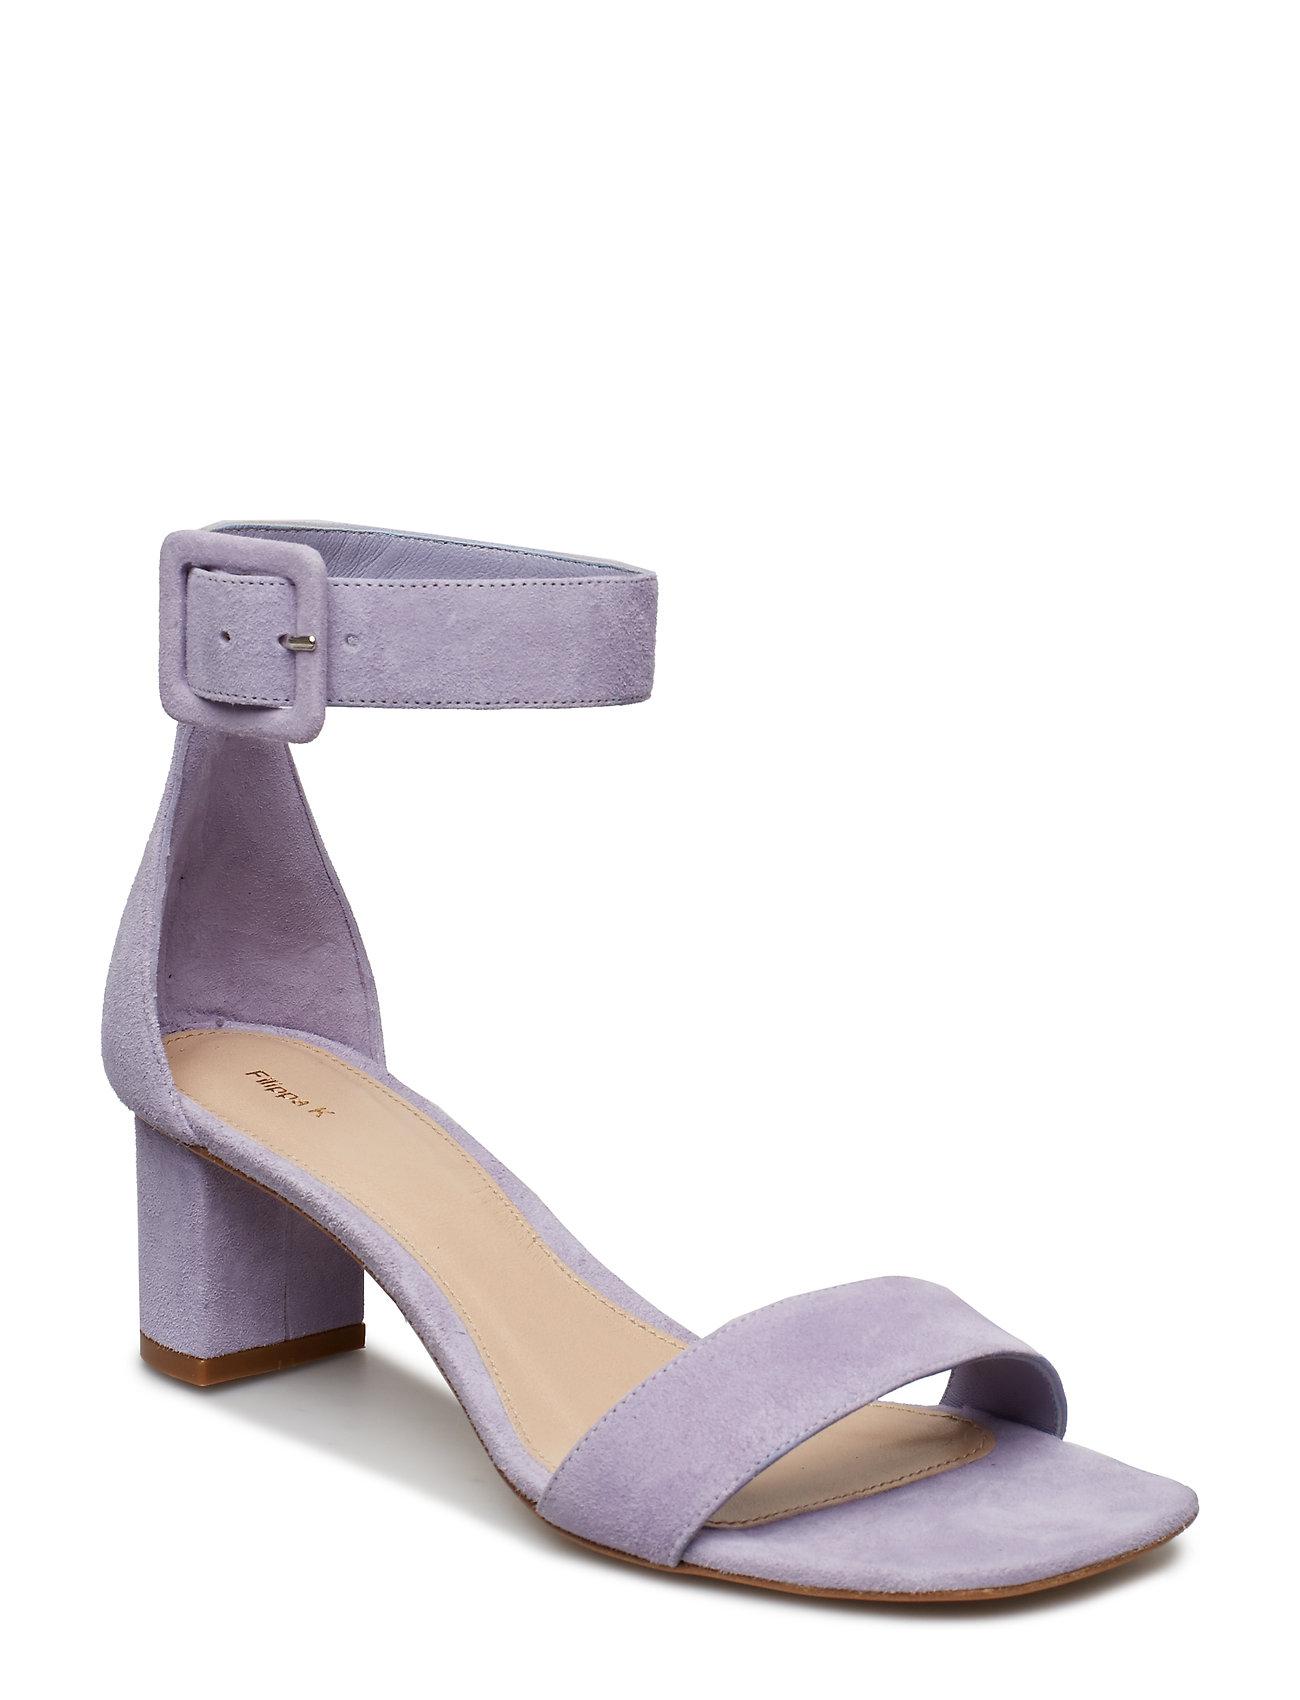 Filippa K Frances Mid Heel Sandal